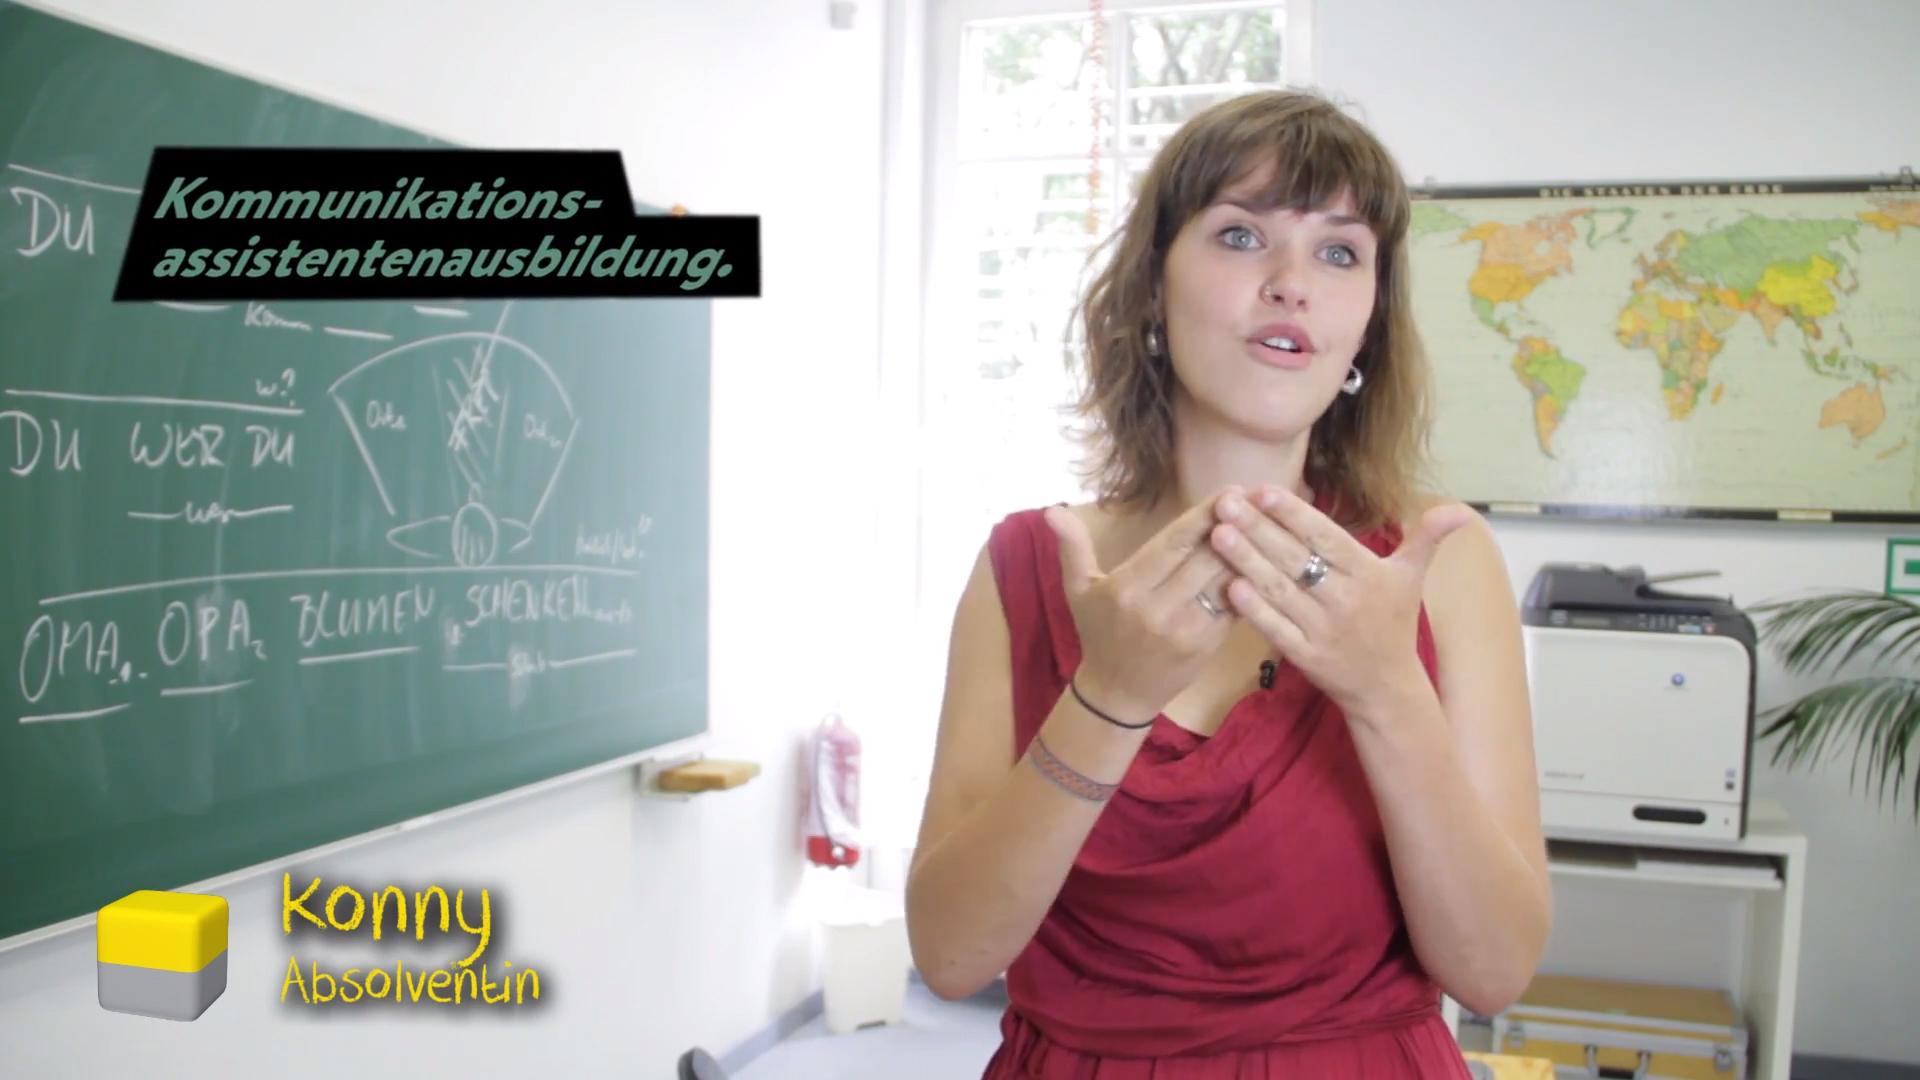 Werbung für eine Gebärdensprachschule